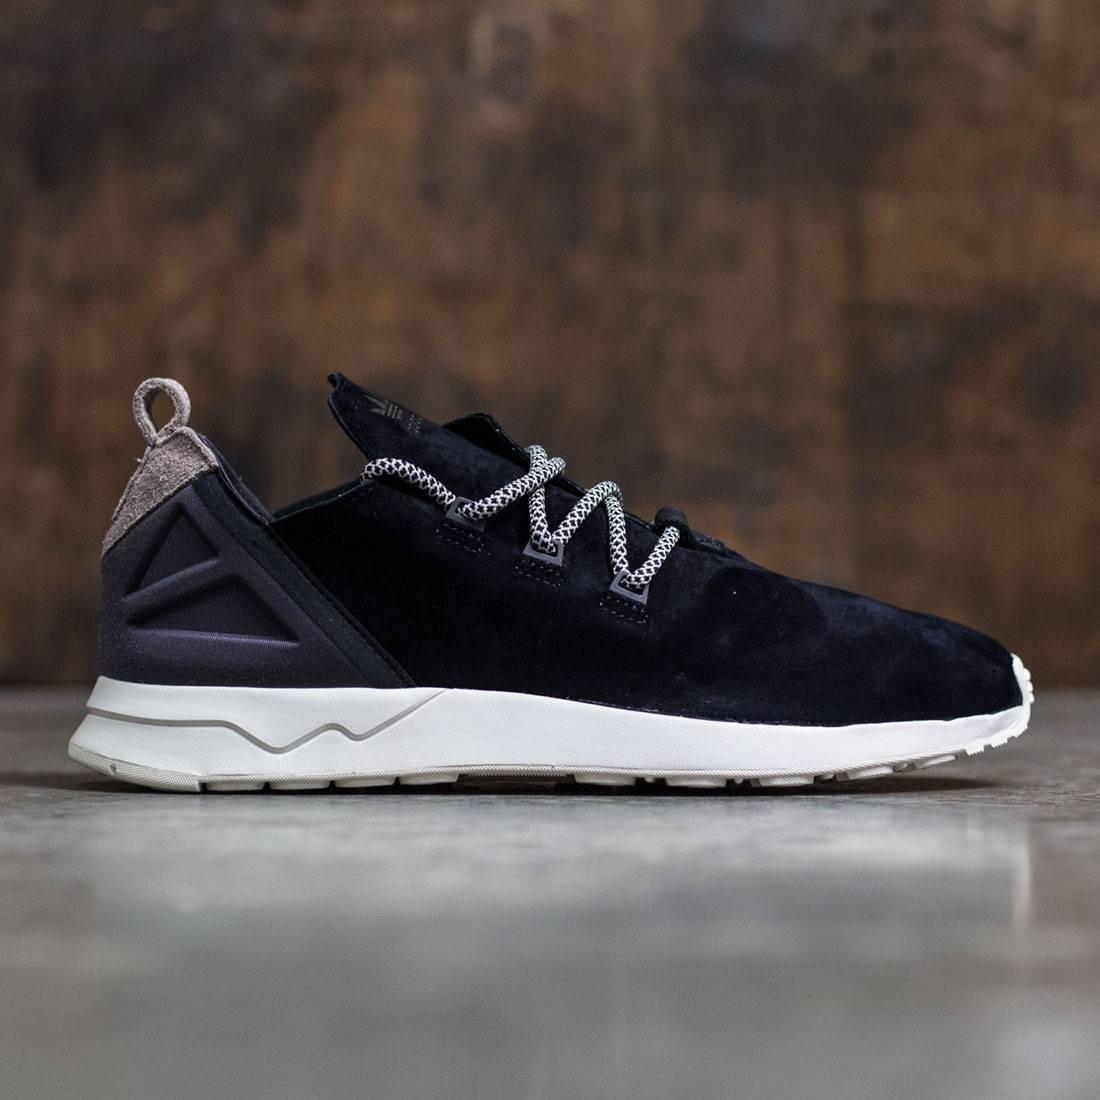 【海外限定】アディダス コア 黒 ブラック 靴 メンズ靴 【 ADIDAS BLACK MEN ZX FLUX ADV X CORE FOOTWEAR WHITE 】